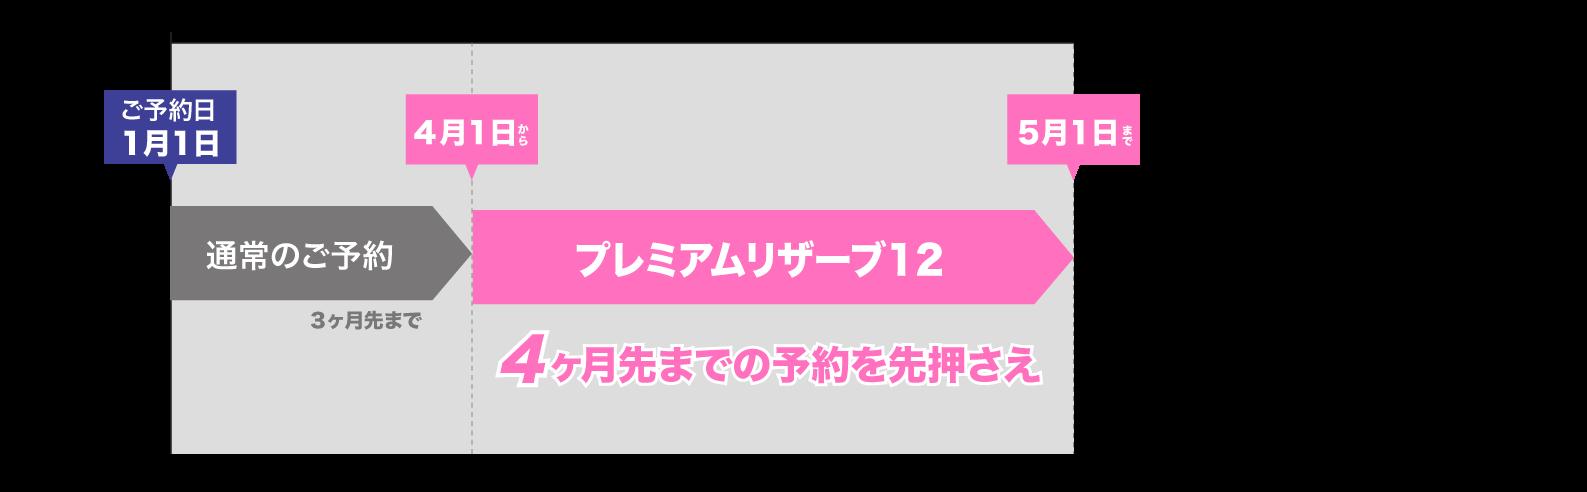 プレミアムリザーブ12 12万円